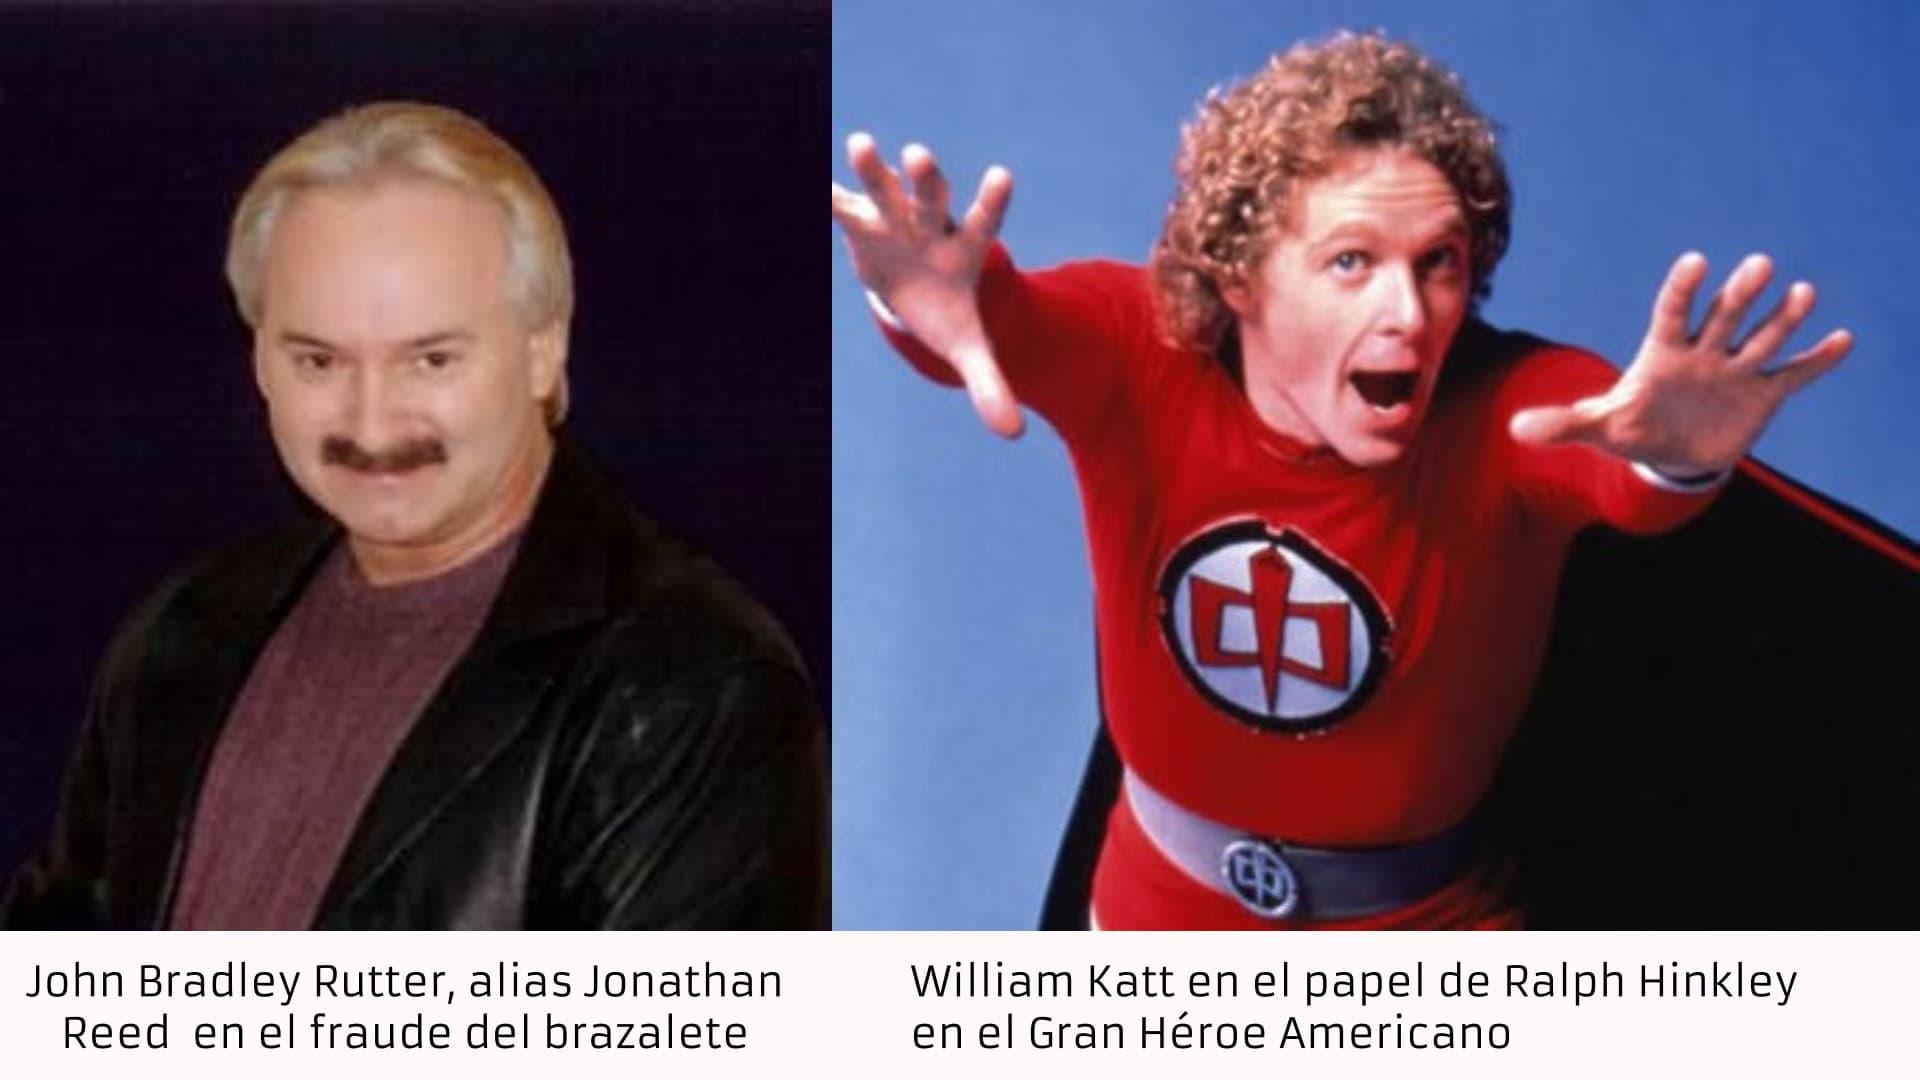 John Bradley Rutter, alias Jonathan Reed en el fraude del brazalete teletransportador, vs William Katt con el traje alienígena en la serie el Gran Héroe Americano